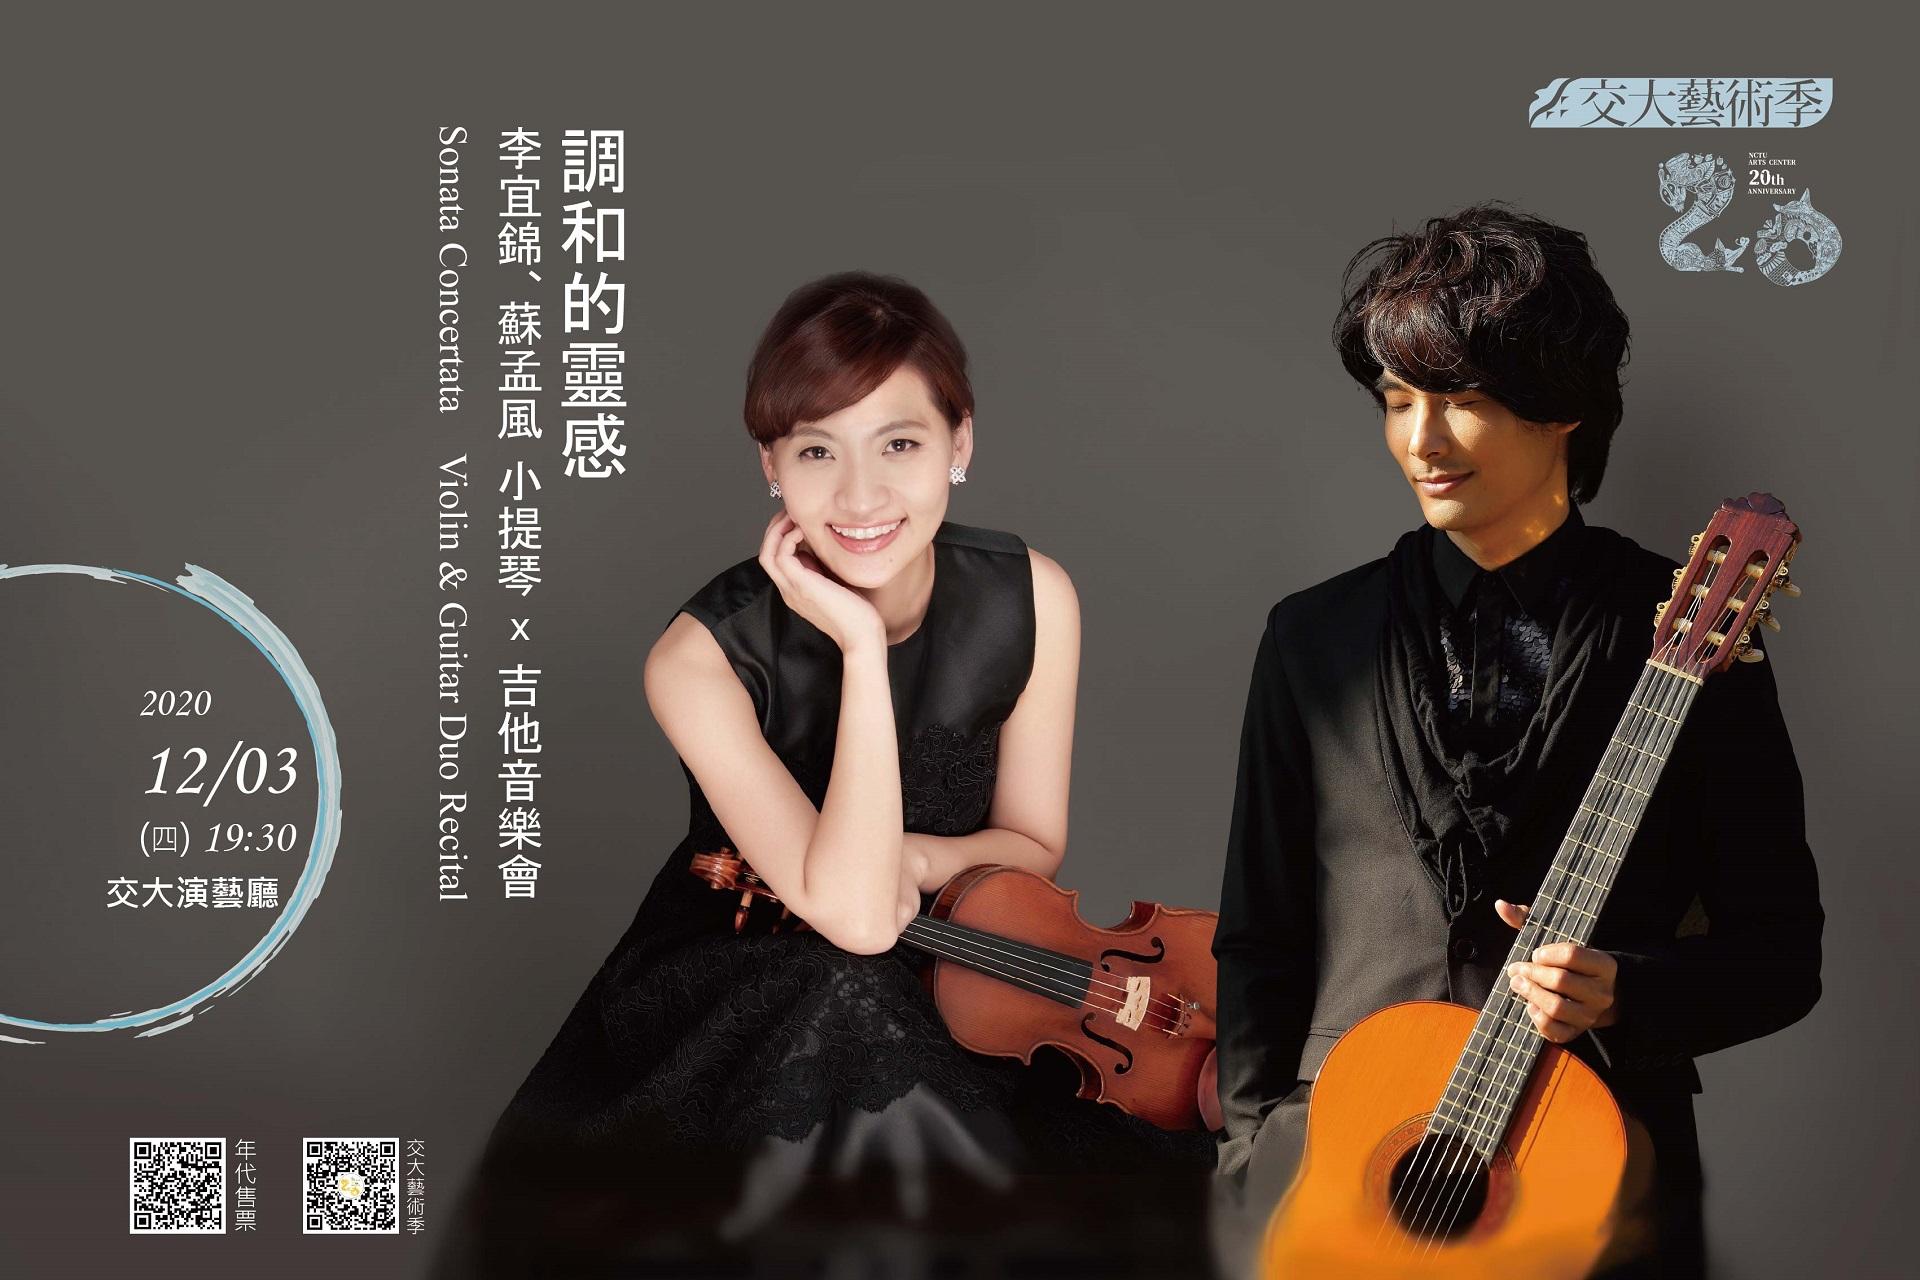 【調和的靈感】李宜錦、蘇孟風 小提琴x吉他音樂會